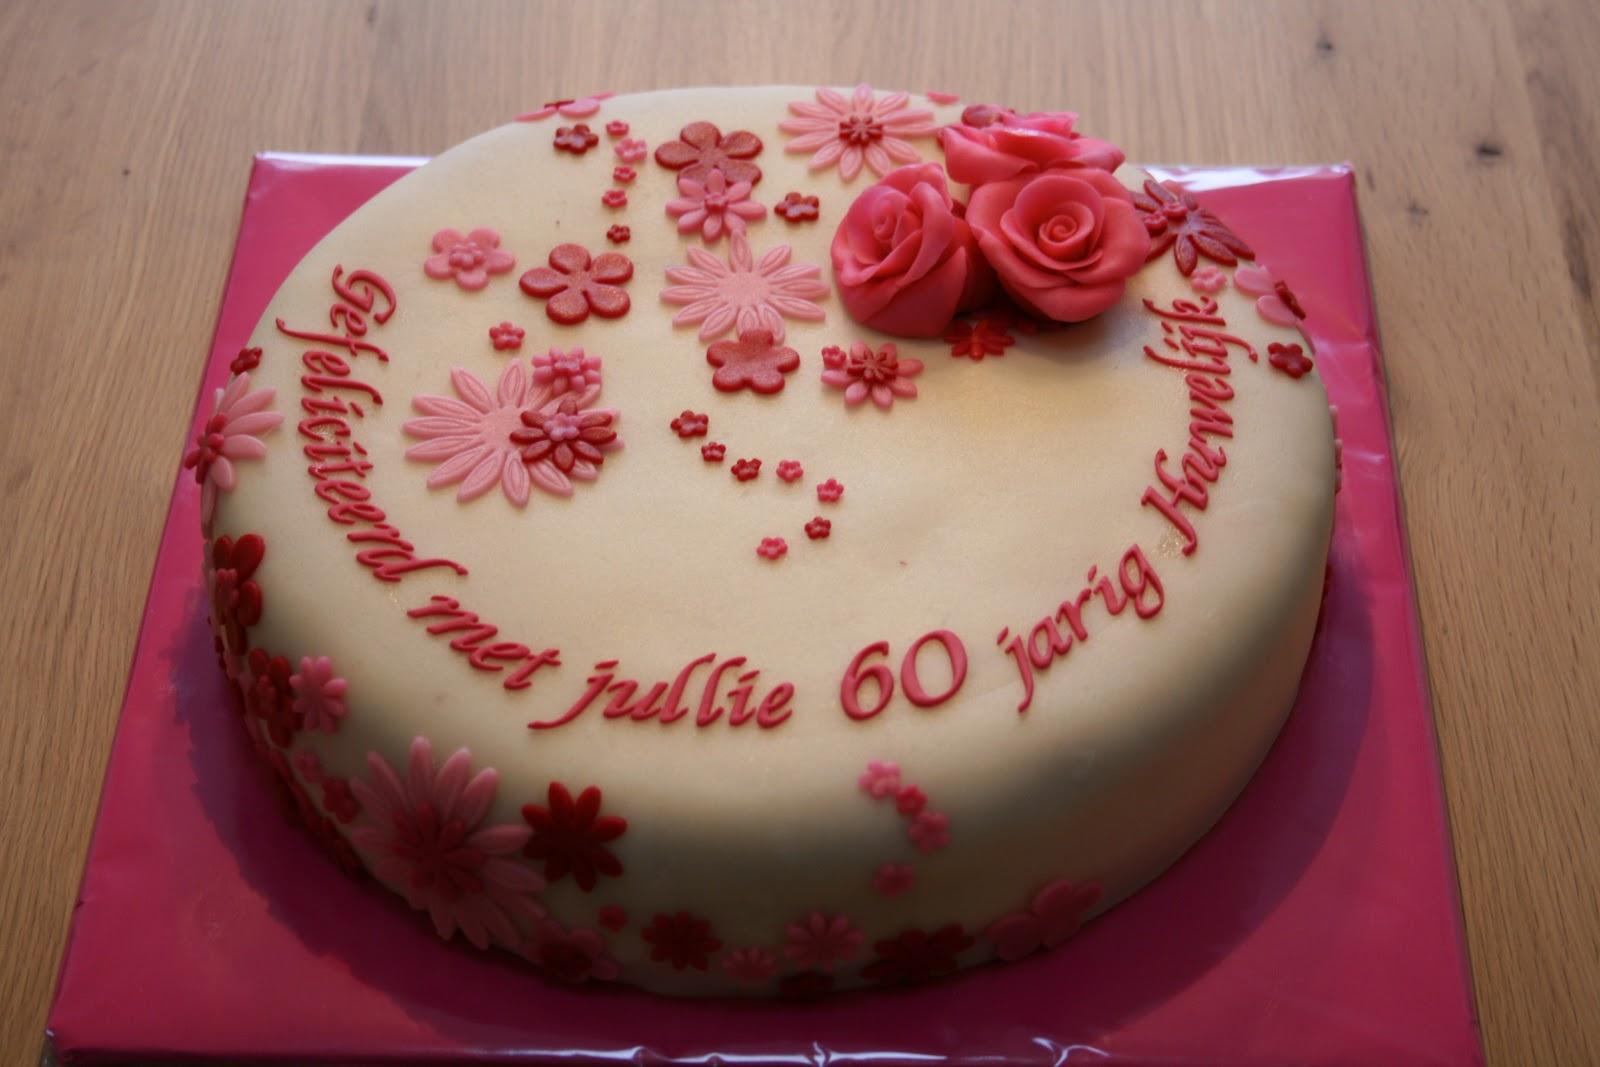 Genoeg Uitzonderlijk Verjaardagstaart 60 Jaar WC05 | Belbin.Info LI78